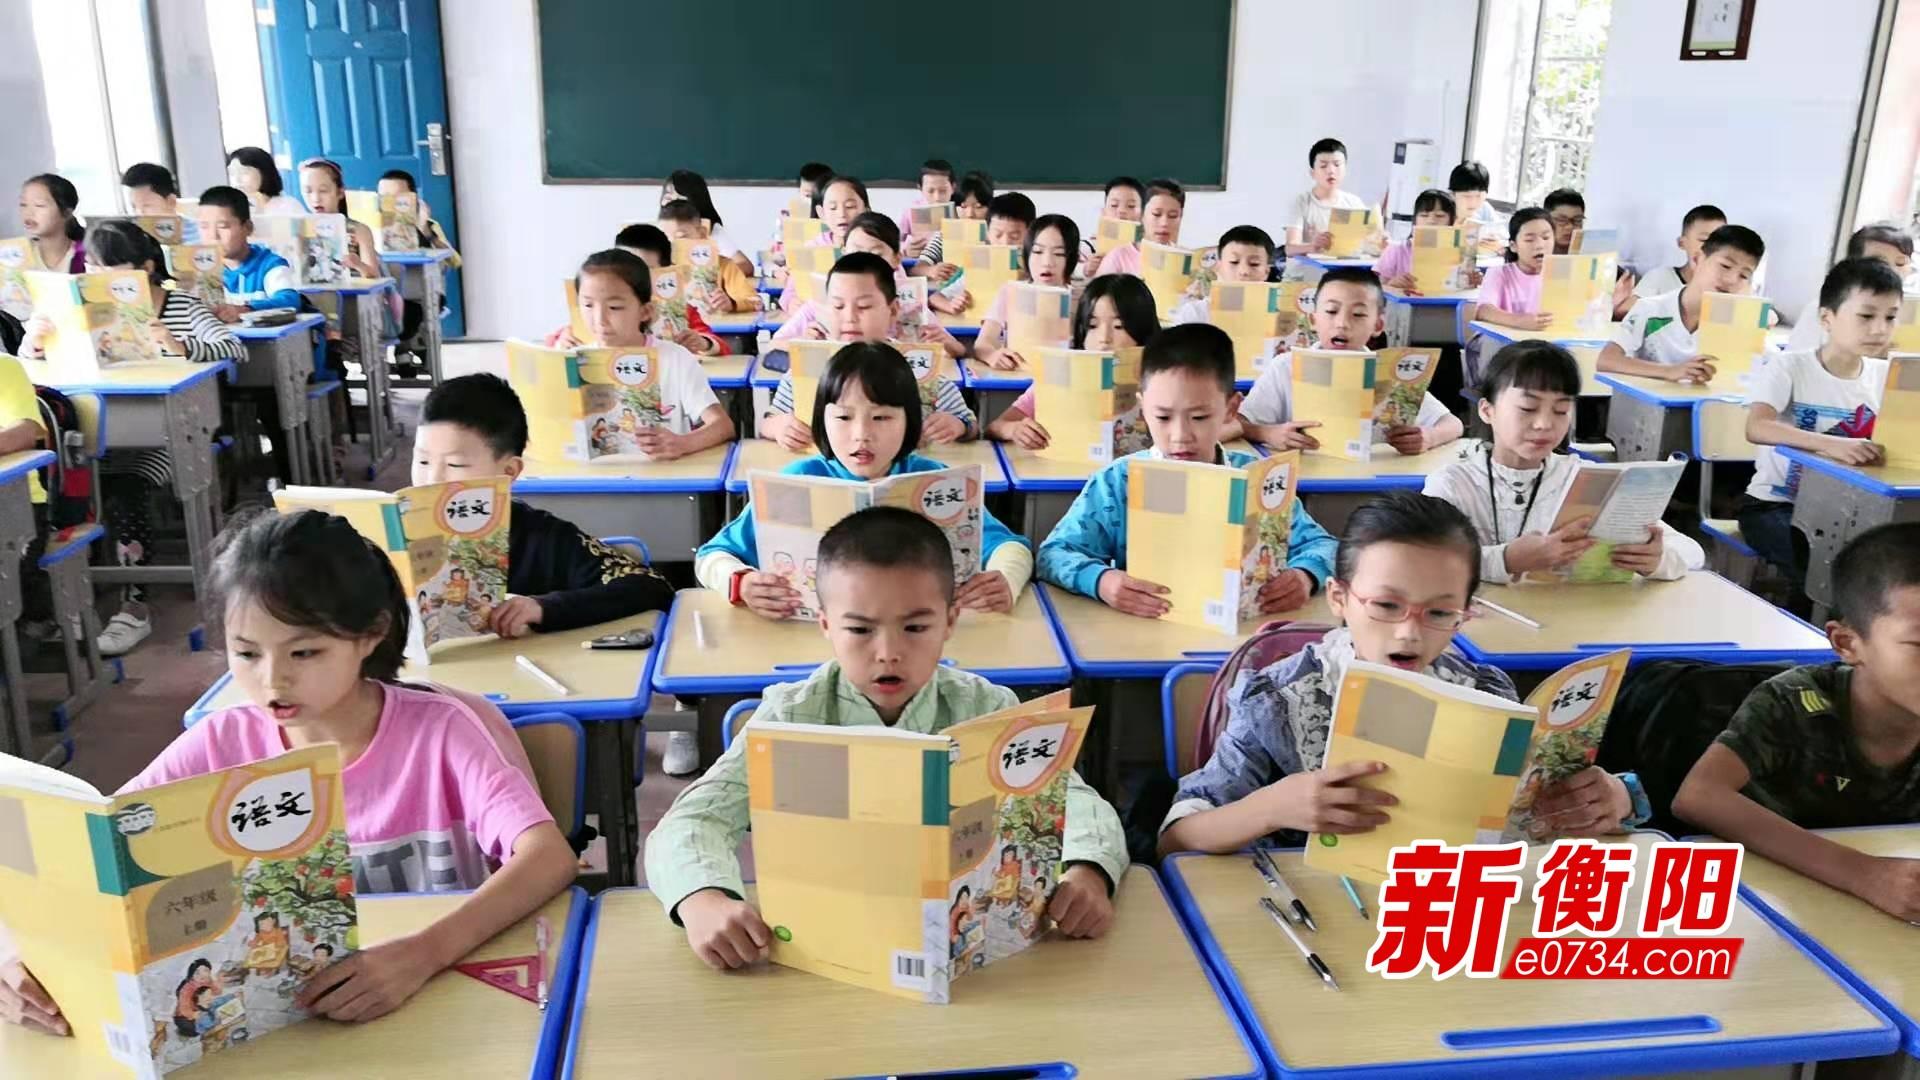 新增1400个学位 三塘镇2019年秋季入学平稳过渡